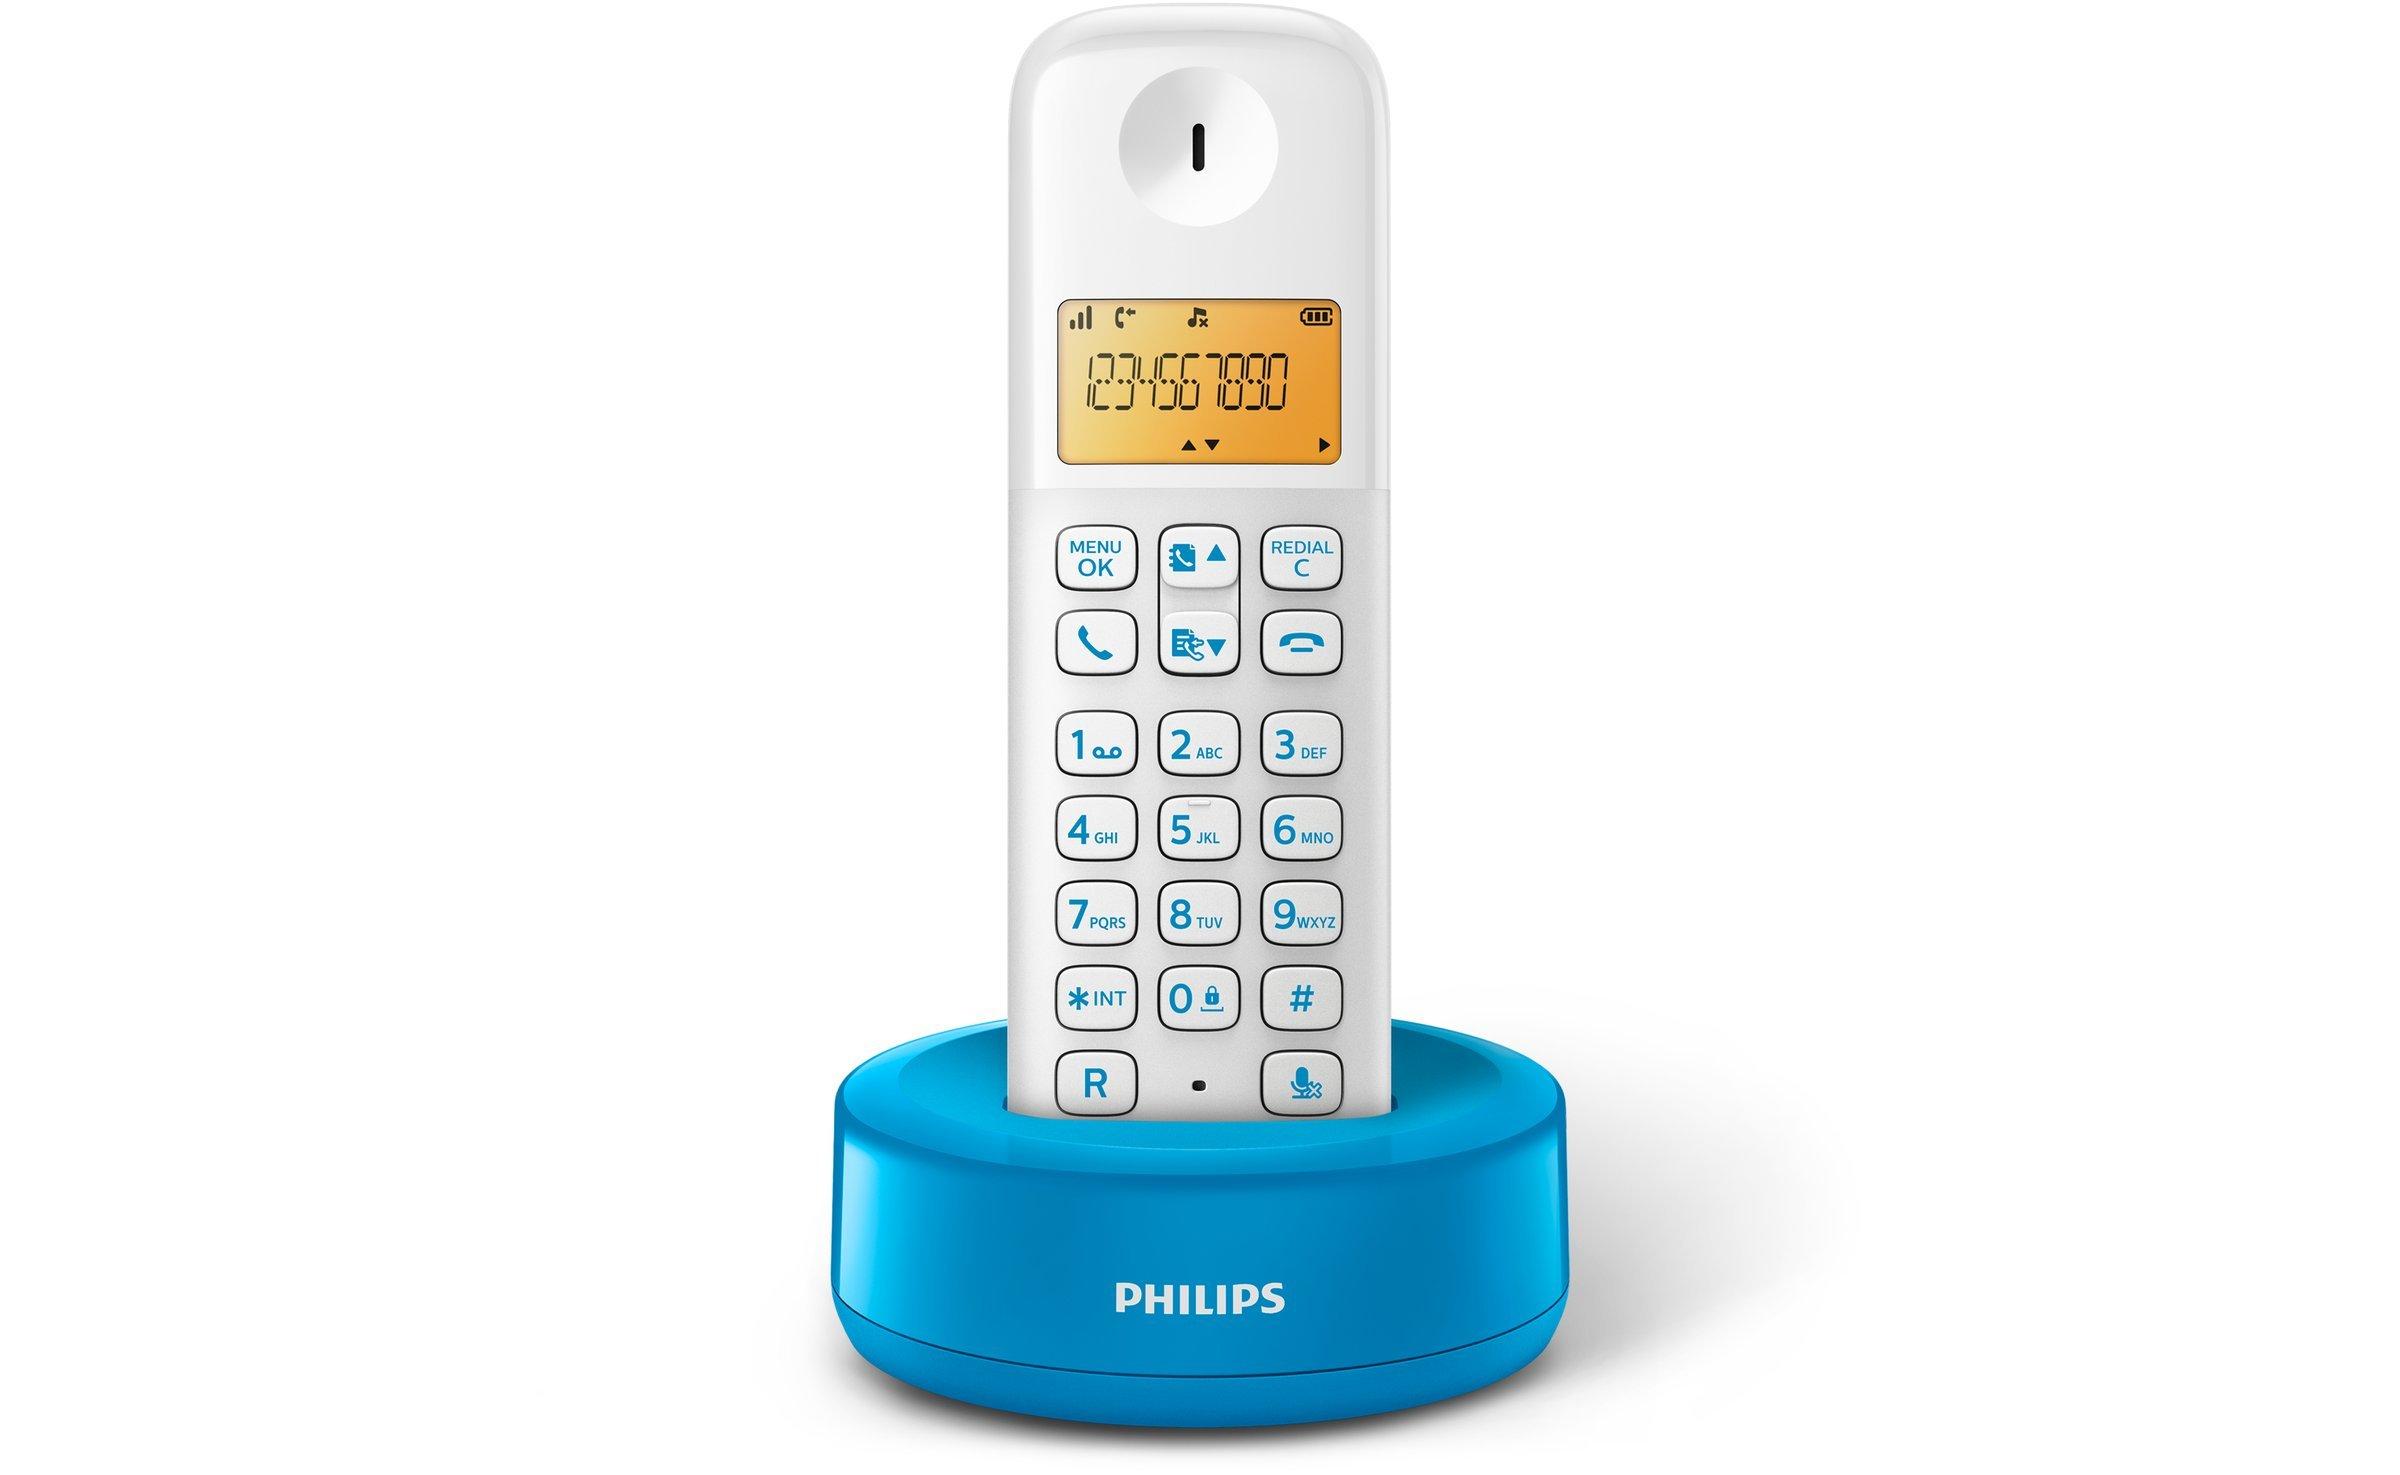 Philips D1301WA/23 - Teléfono inalámbrico con pantalla iluminada de 4.1 cm, 10hrs conversación, Blanco y azul, 1 Pieza: Amazon.es: Electrónica